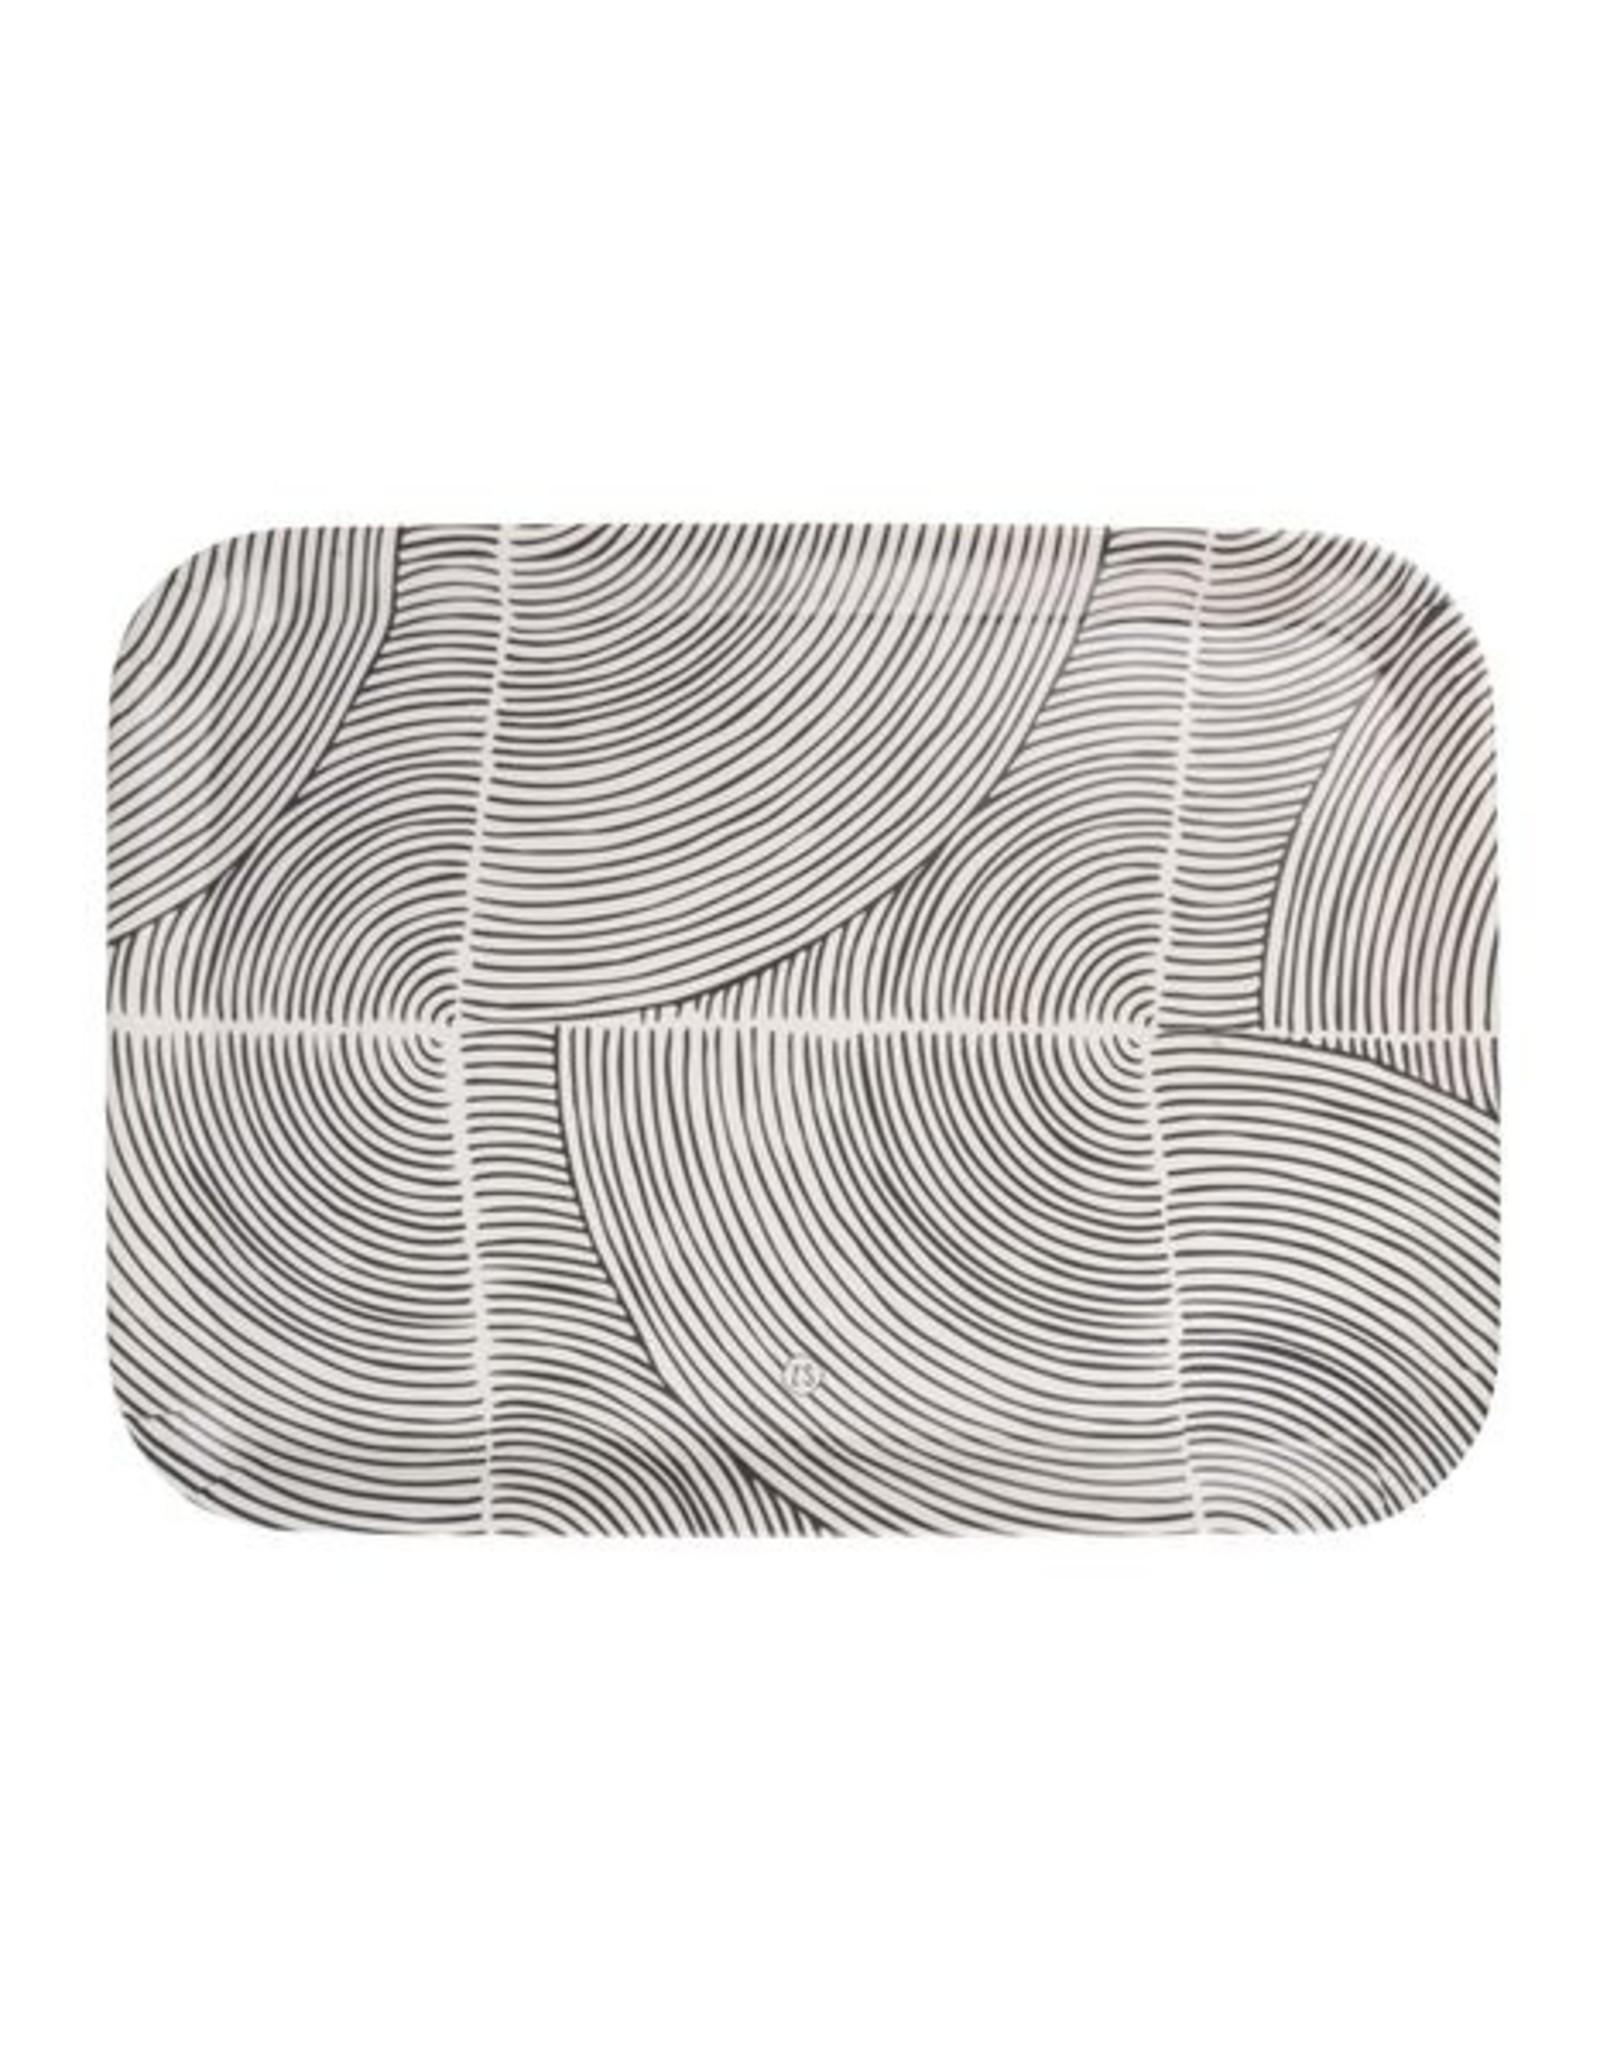 Zusss Zusss - Melamine dienblad grafisch patroon